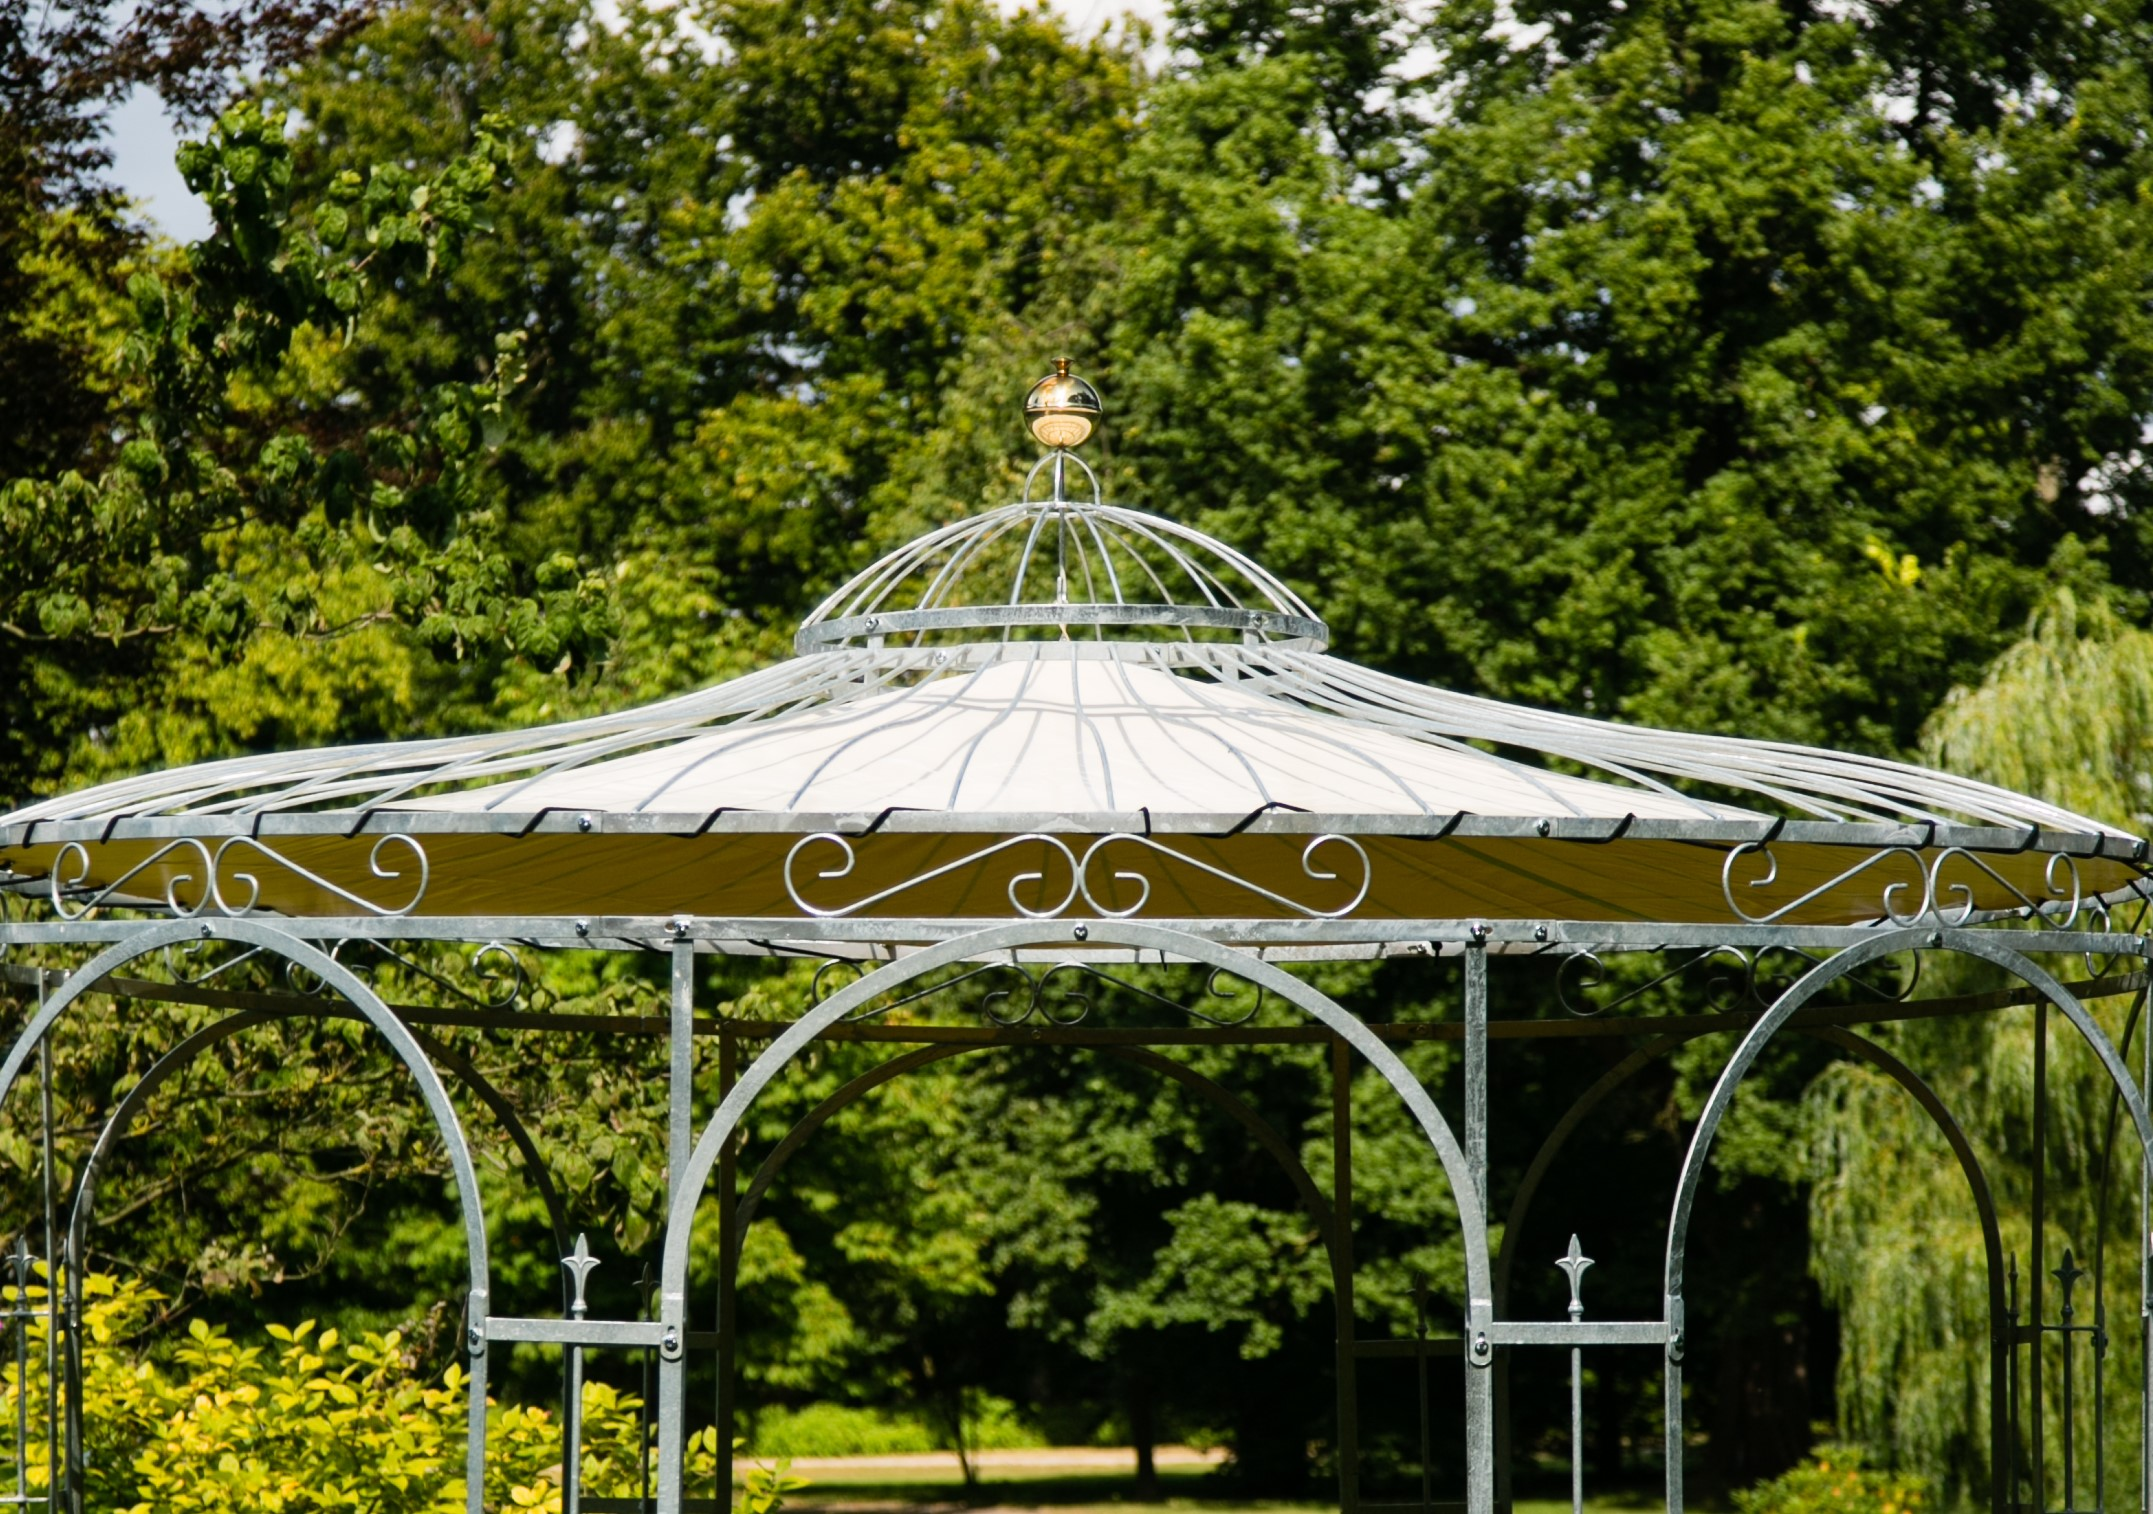 Full Size of Gartenpavillon Rund Eisen Faltbarer 3x3m Garten Pavillon Kaufen Sekey Massiv Metall Rechteckig Luxus Mit Lamellendach Holz Glas Winterfester 3x3 Japanischer Garten Garten Pavillon